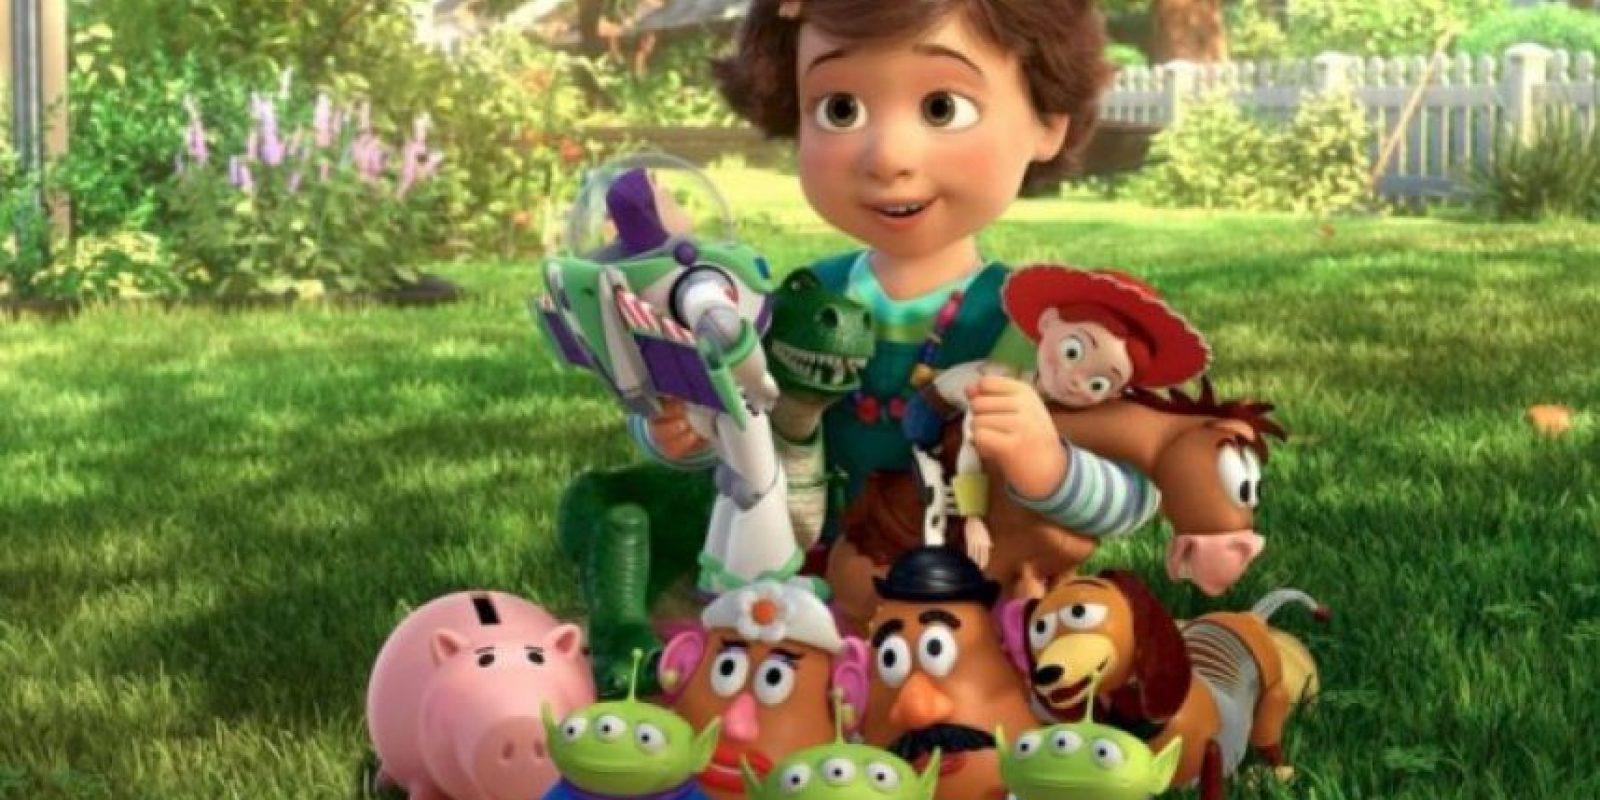 """7.- """"Toy Story 3"""" es la quinta película más taquillera de todos los tiempos Foto:Facebook/Toy Story"""